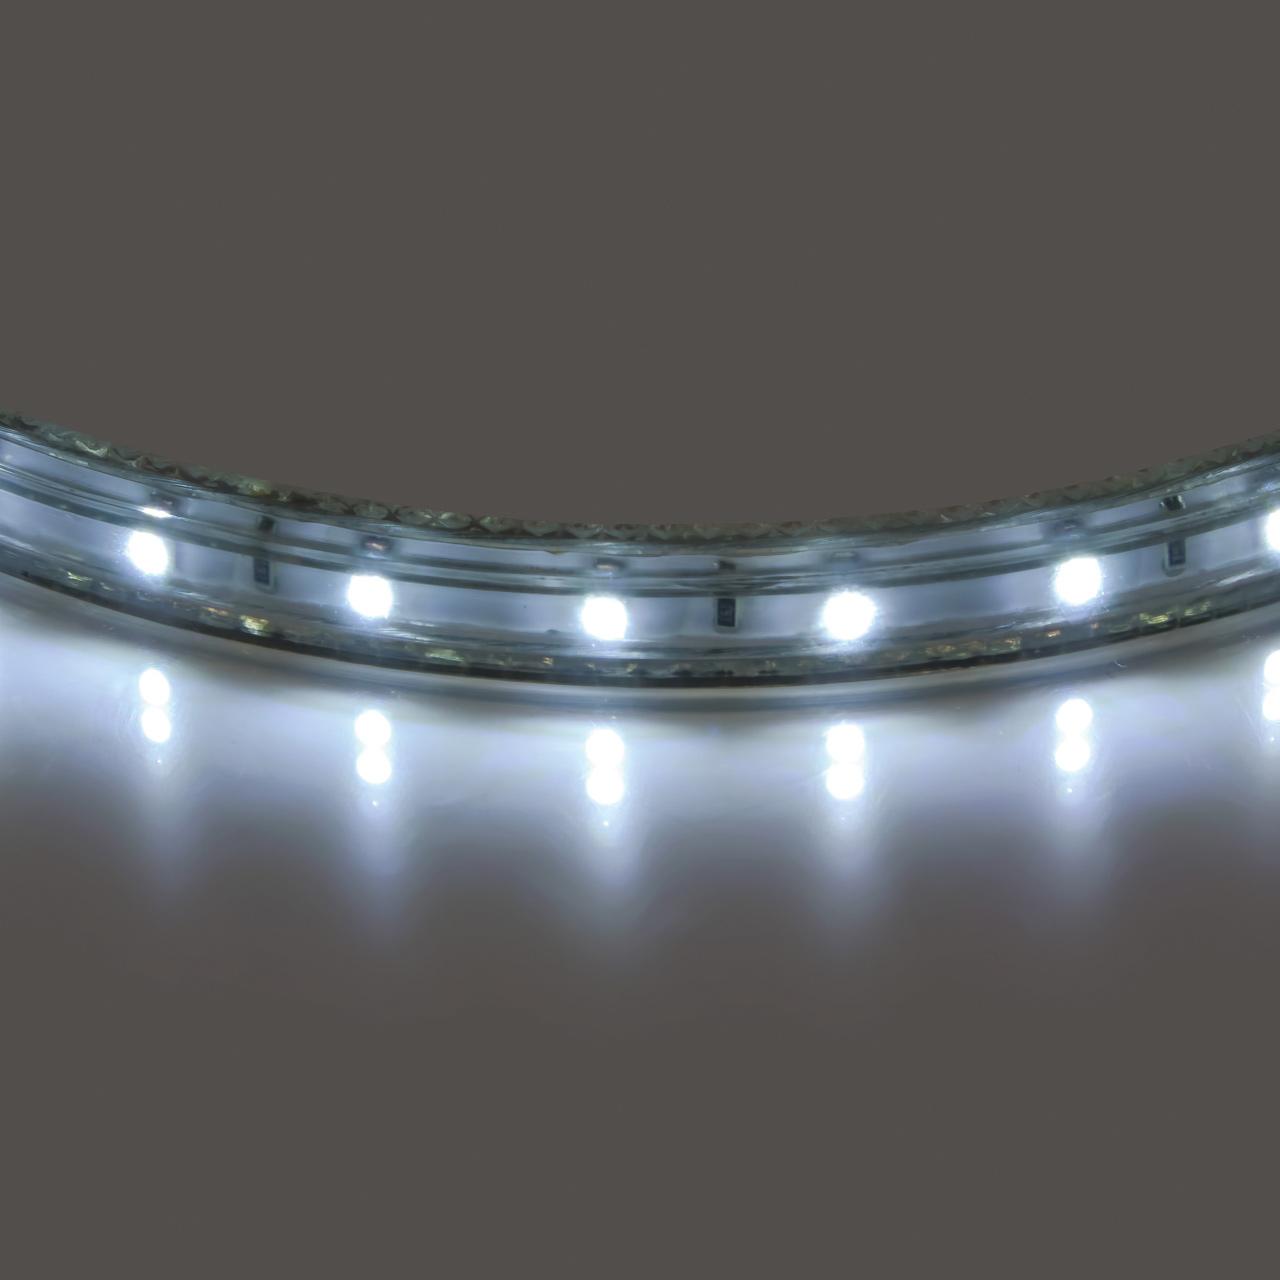 Лента 220V LED 4200-4500K нейтральный белый цвет Lightstar 402004